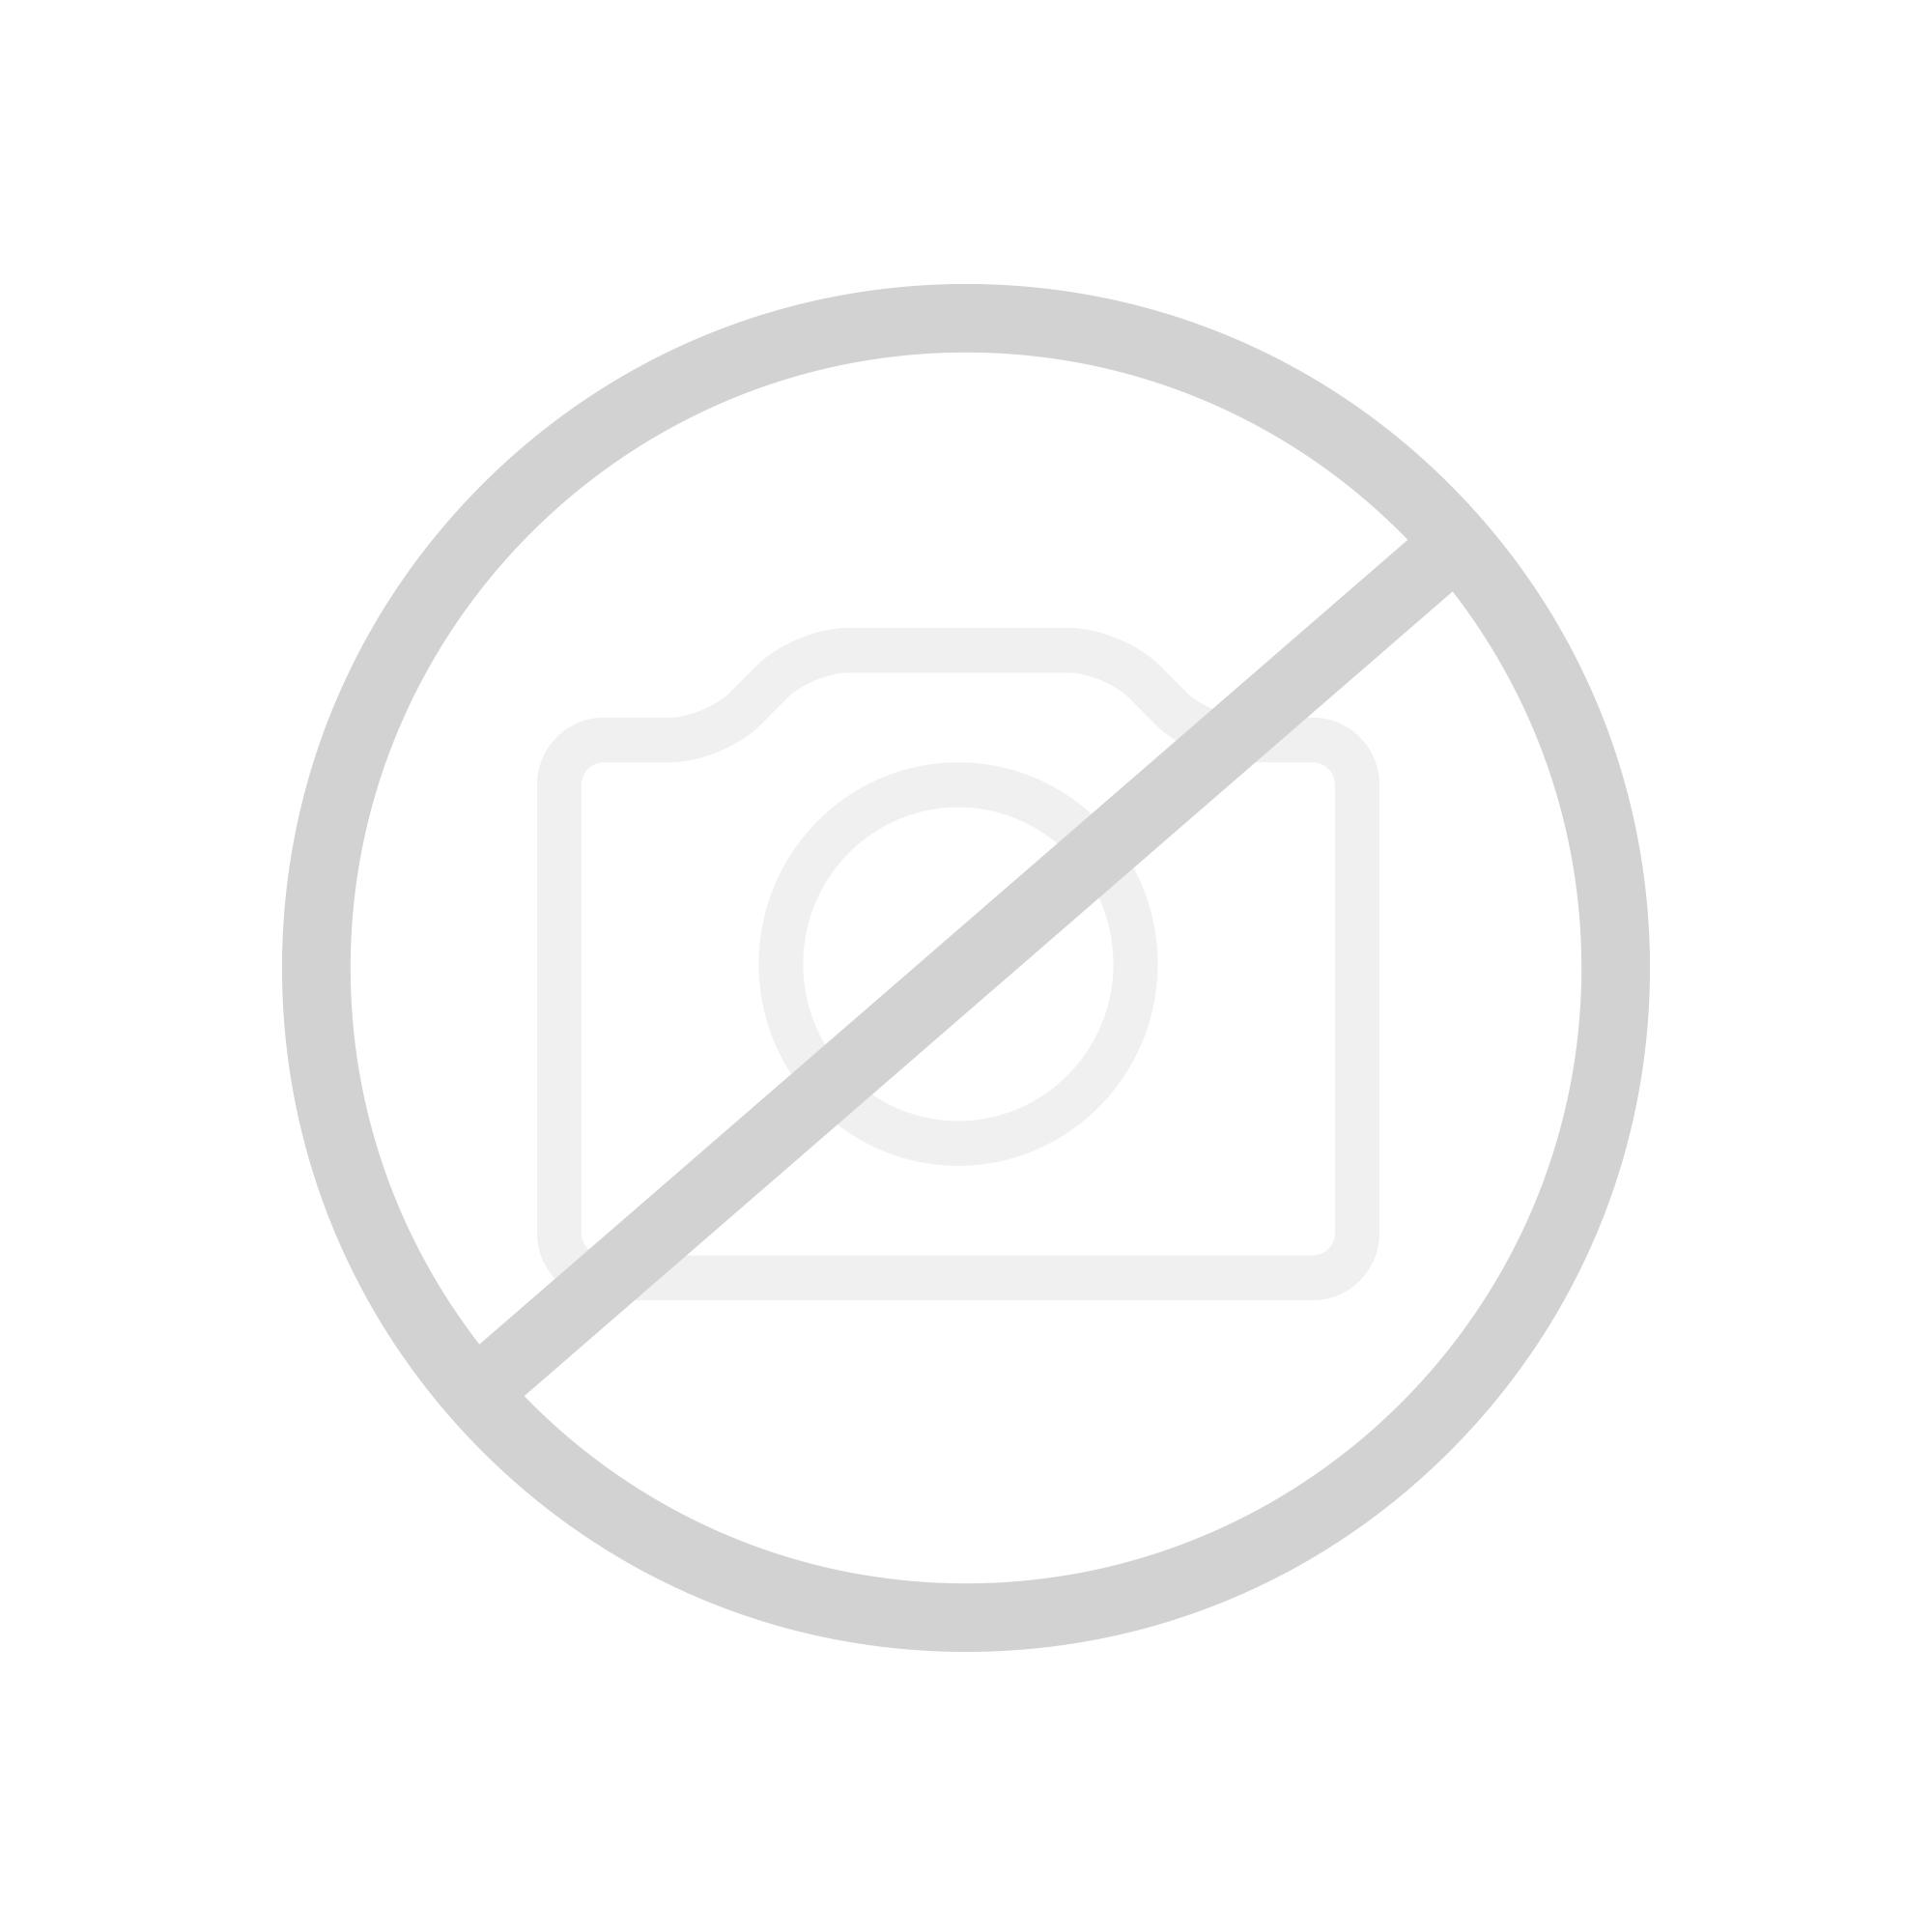 Geberit AquaClean 8000plus Dusch-WC Komplettanlage, AP, bodenstehend L: 73 B: 42 cm weiß